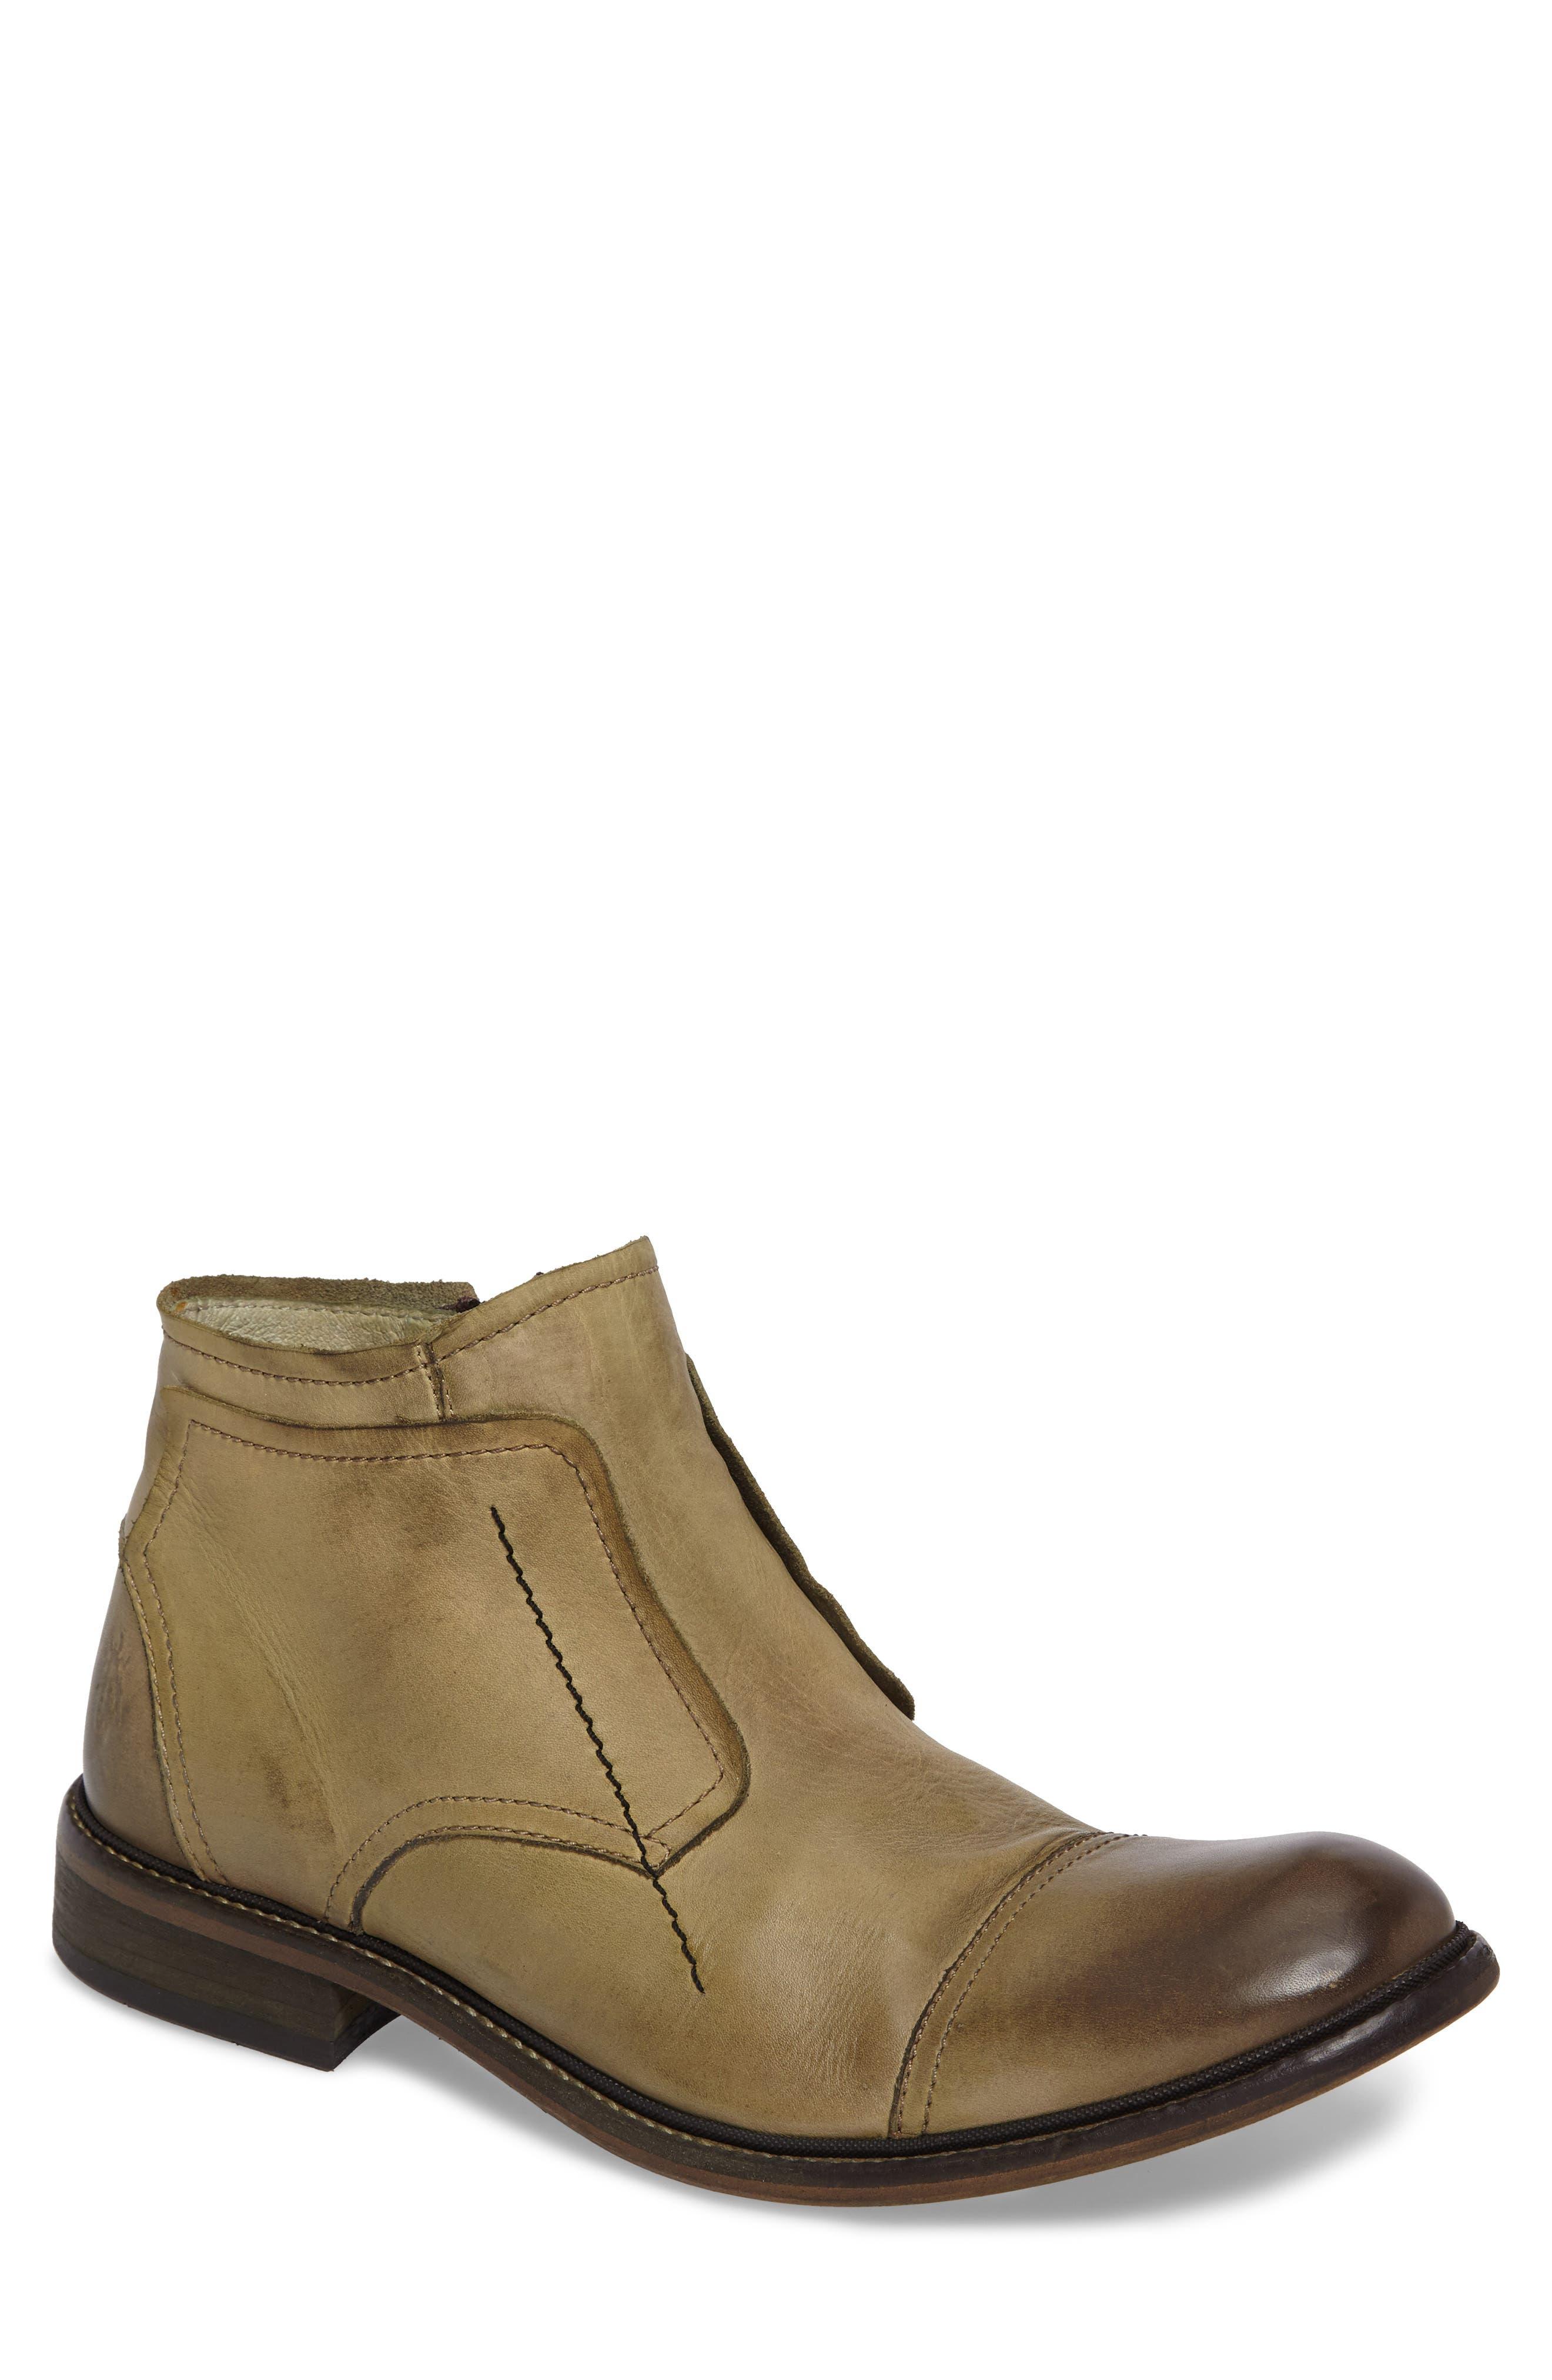 Fly London Hale Low Cap Toe Boot (Men)